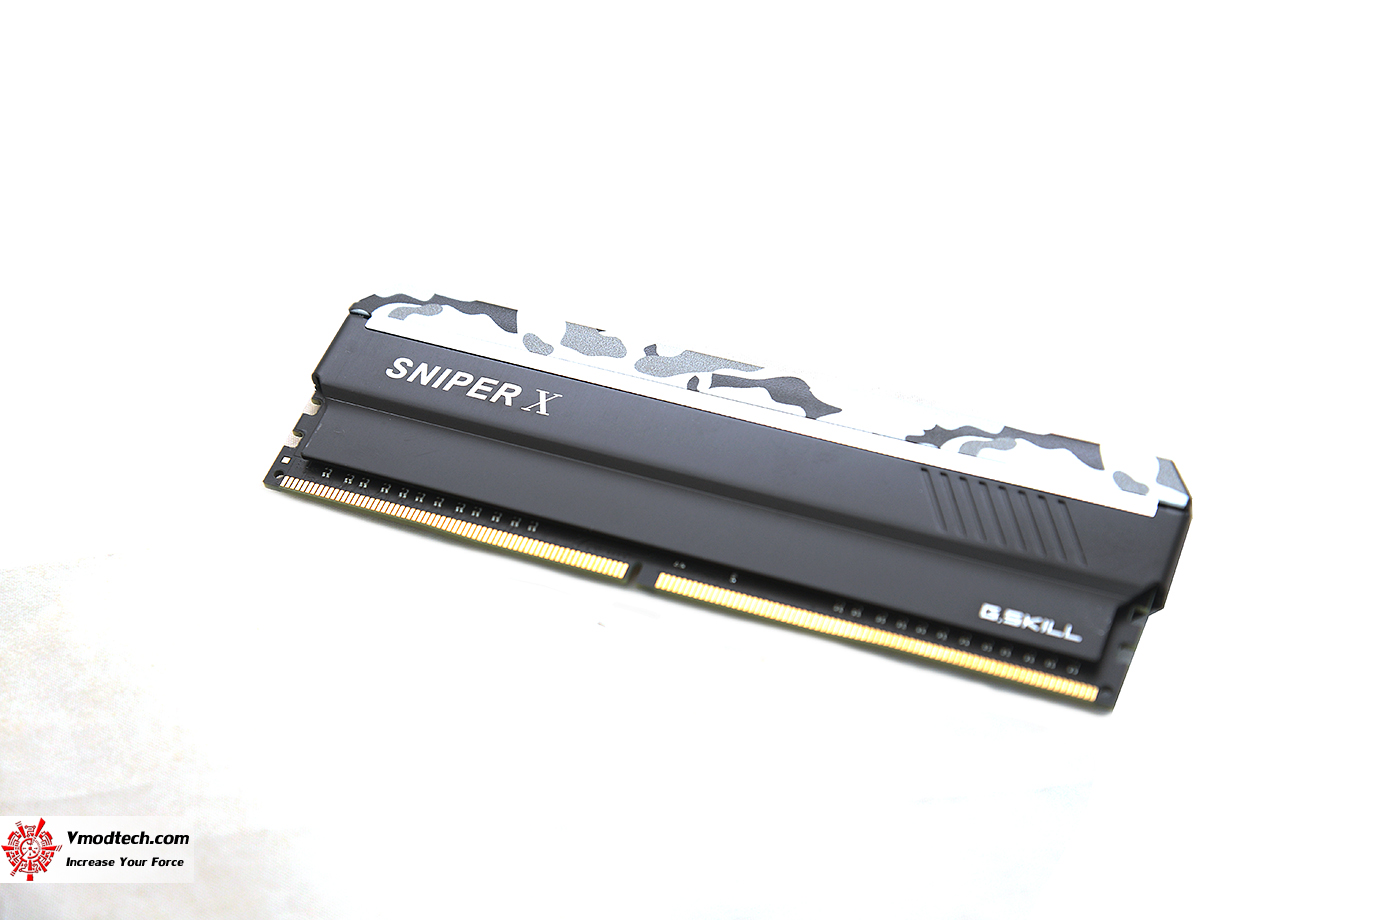 dsc 1473 AMD RYZEN 7 2700X PROCESSOR REVIEW